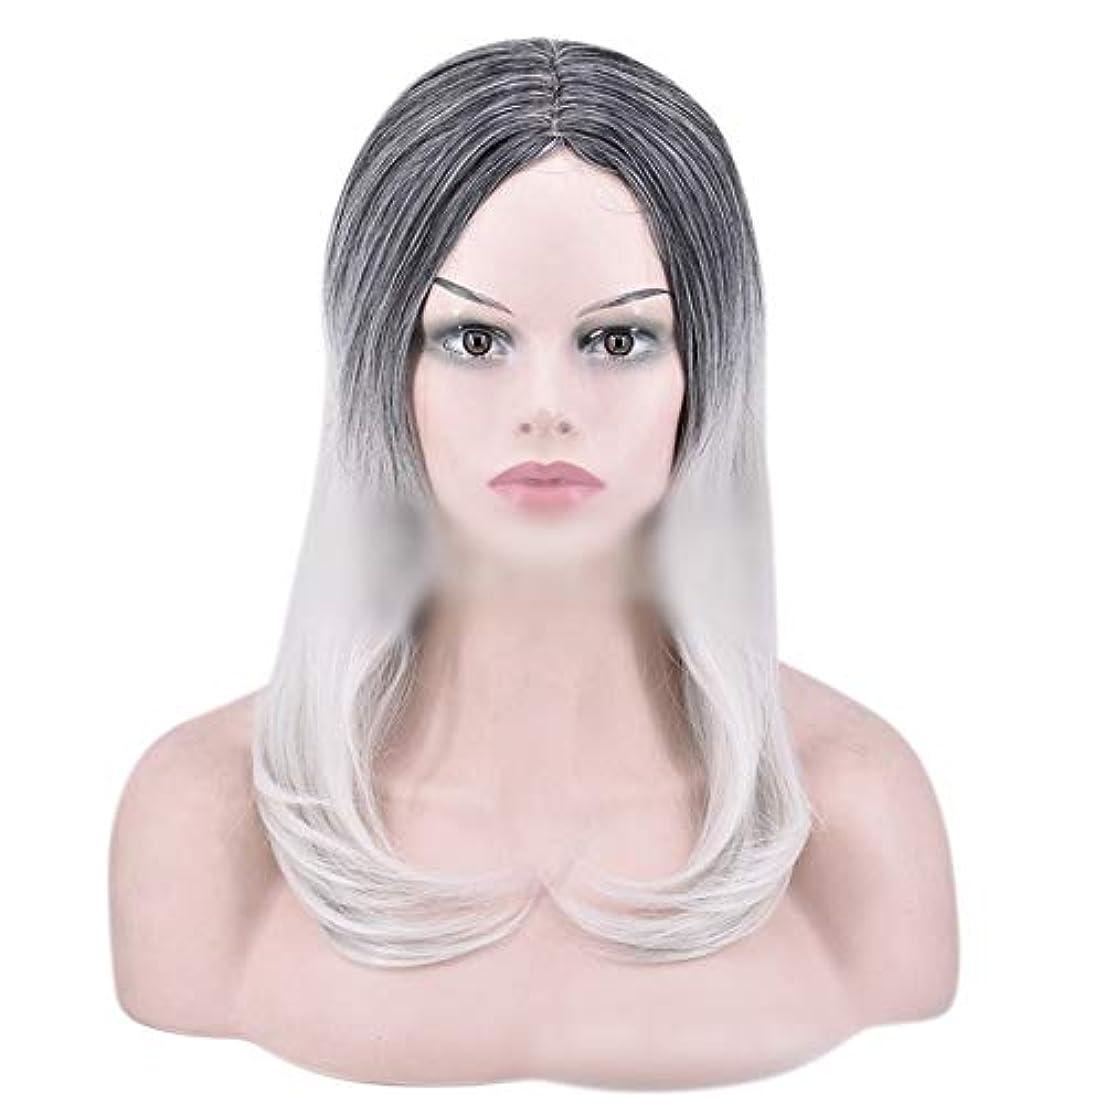 によって著者一般YOUQIU 女性のかつらのために自然なダークルーツロングオンブルグレーウィッグストレート髪の合成かつら (色 : グレー)